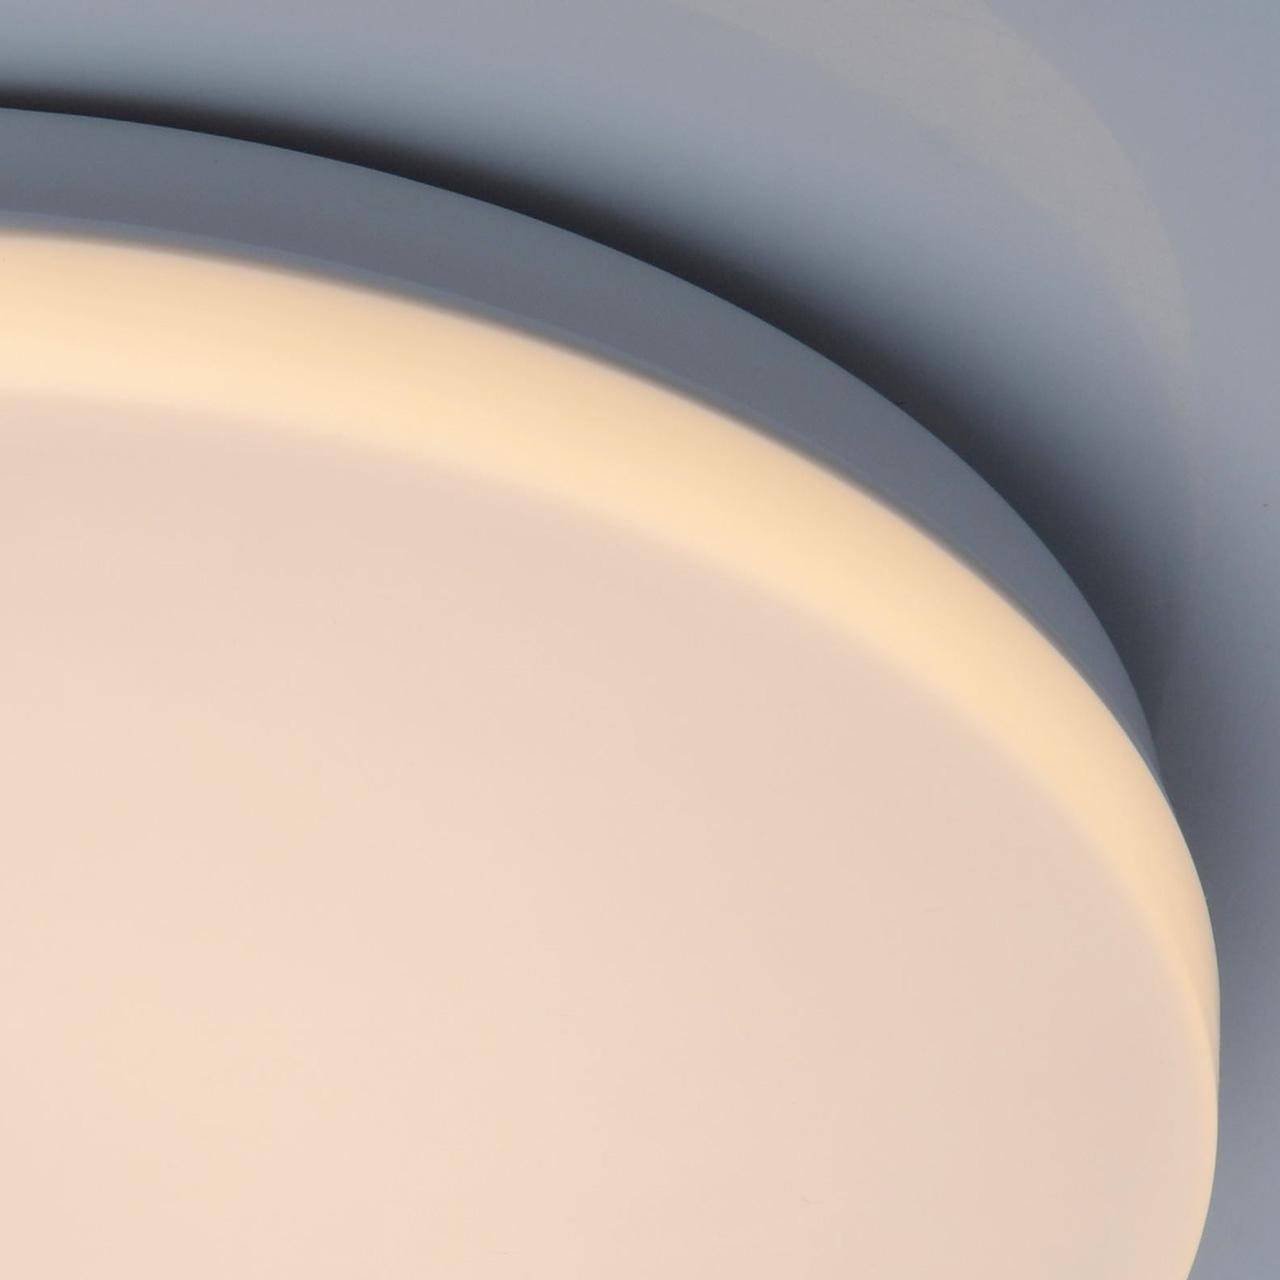 Потолочный светодиодный светильник De Markt Ривз 674017401, LED 14W 3000K (теплый), белый, металл, пластик - фото 5